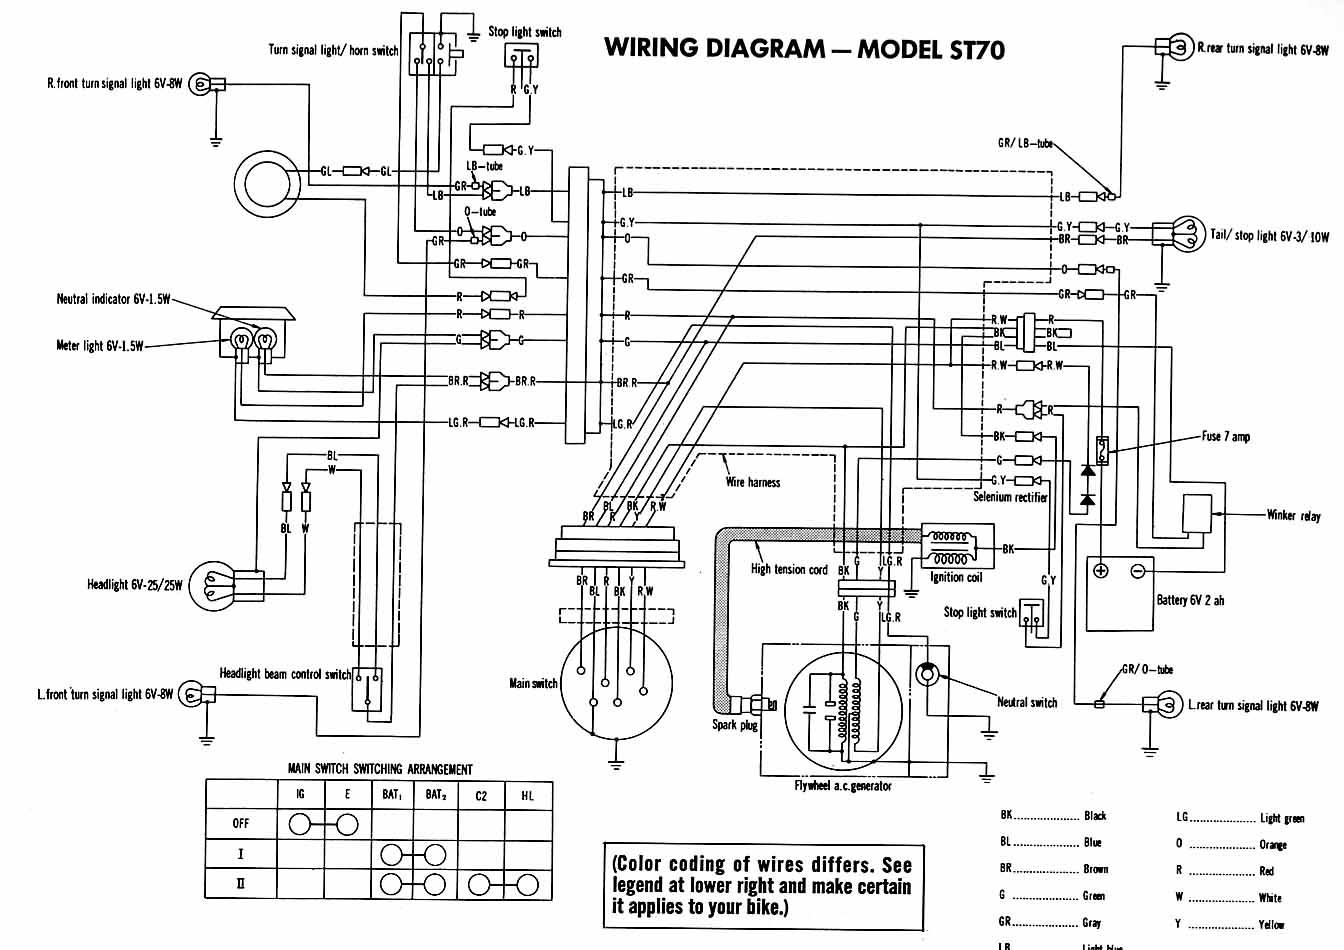 derbi senda 50cc wiring diagram hard start capacitor index of luka 4mini tuto liensdelukalafaget